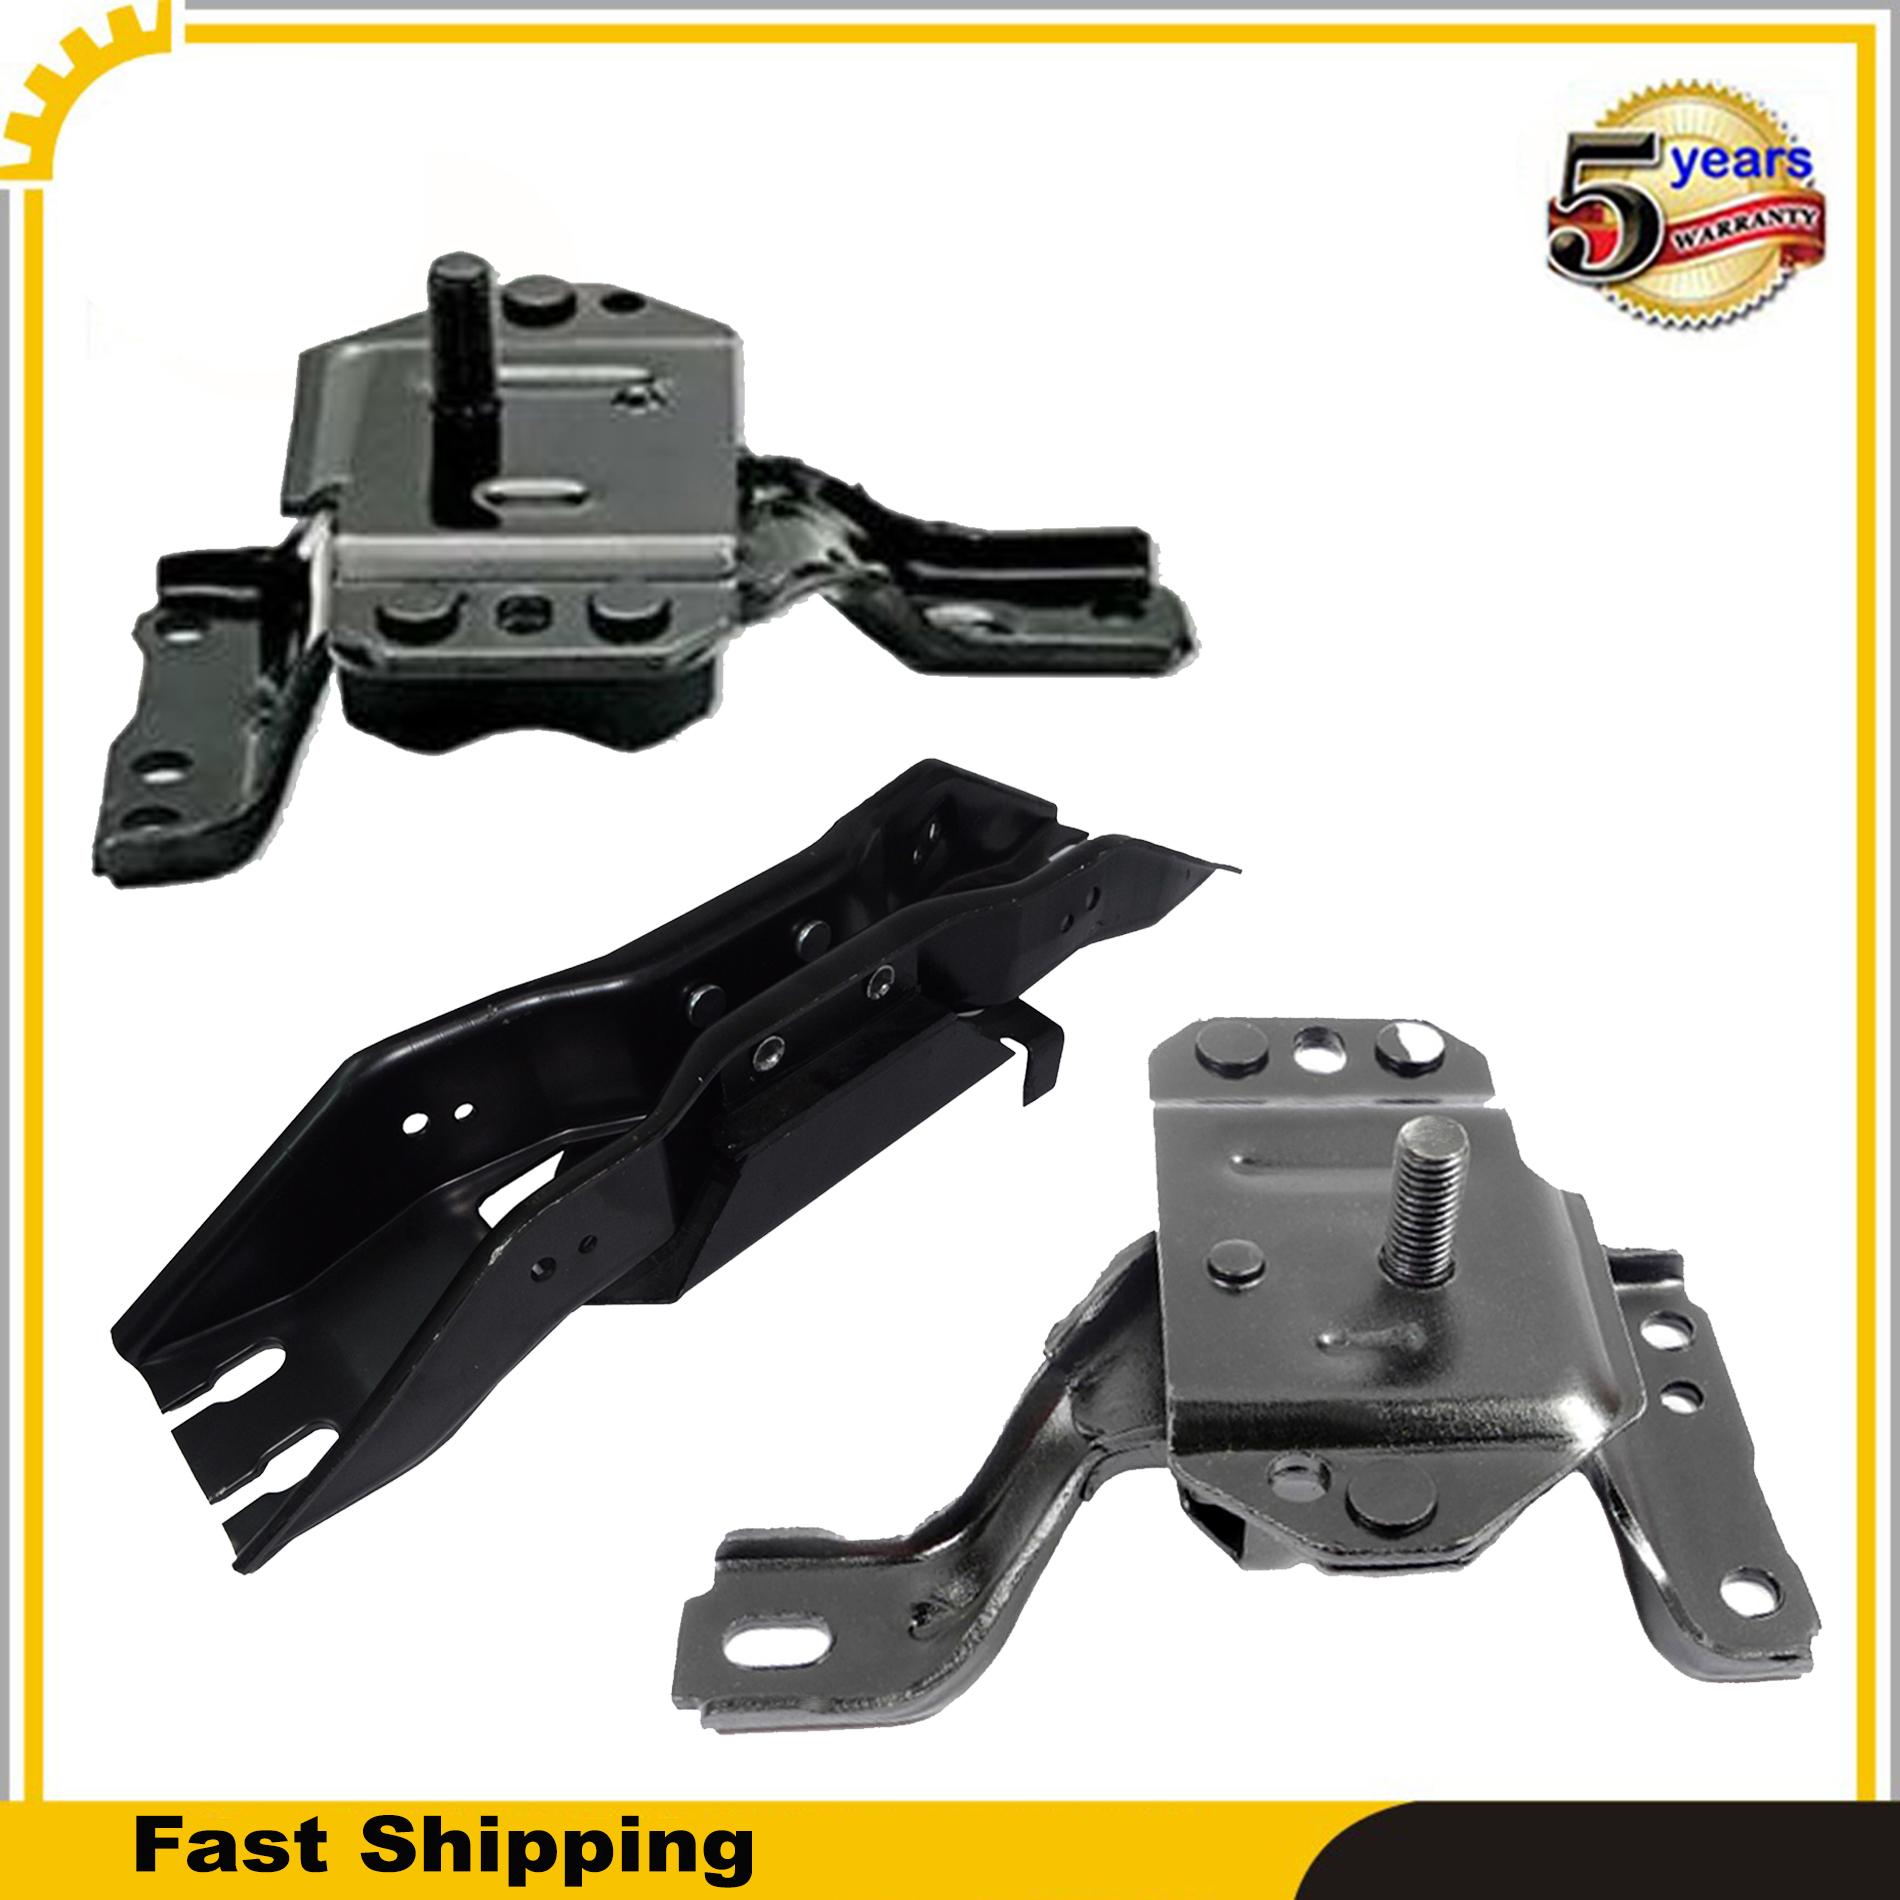 Transmission Engine Motor Mount For Ford Mustang 3.8L 4.6L 2R3Z-6068-FJ 5310